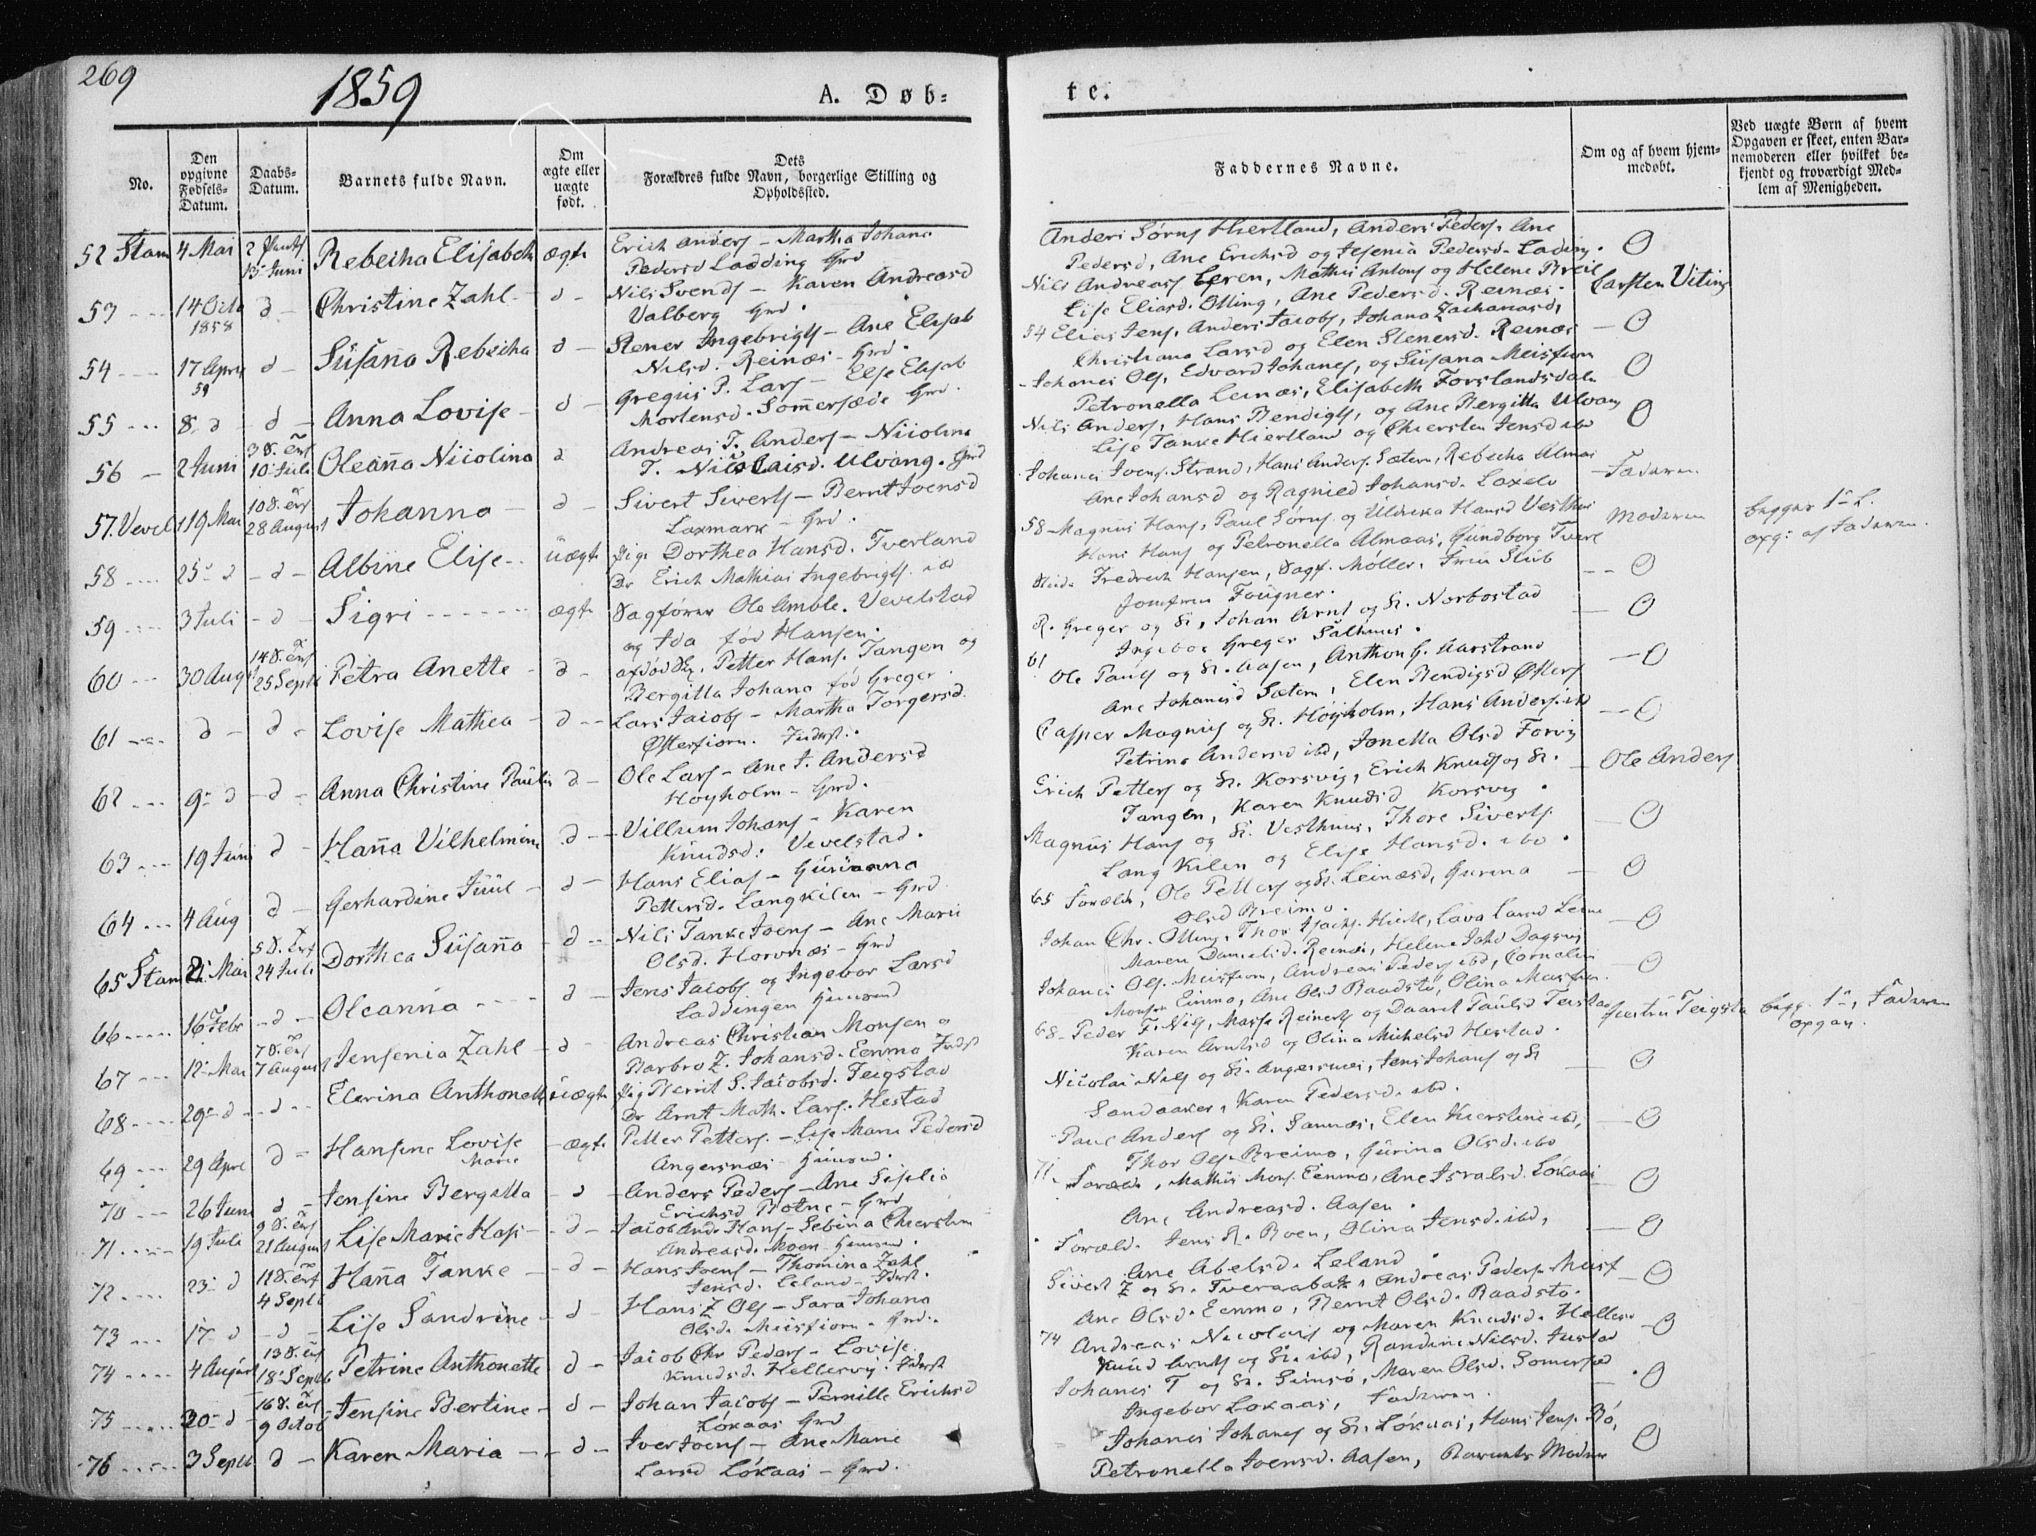 SAT, Ministerialprotokoller, klokkerbøker og fødselsregistre - Nordland, 830/L0446: Parish register (official) no. 830A10, 1831-1865, p. 269